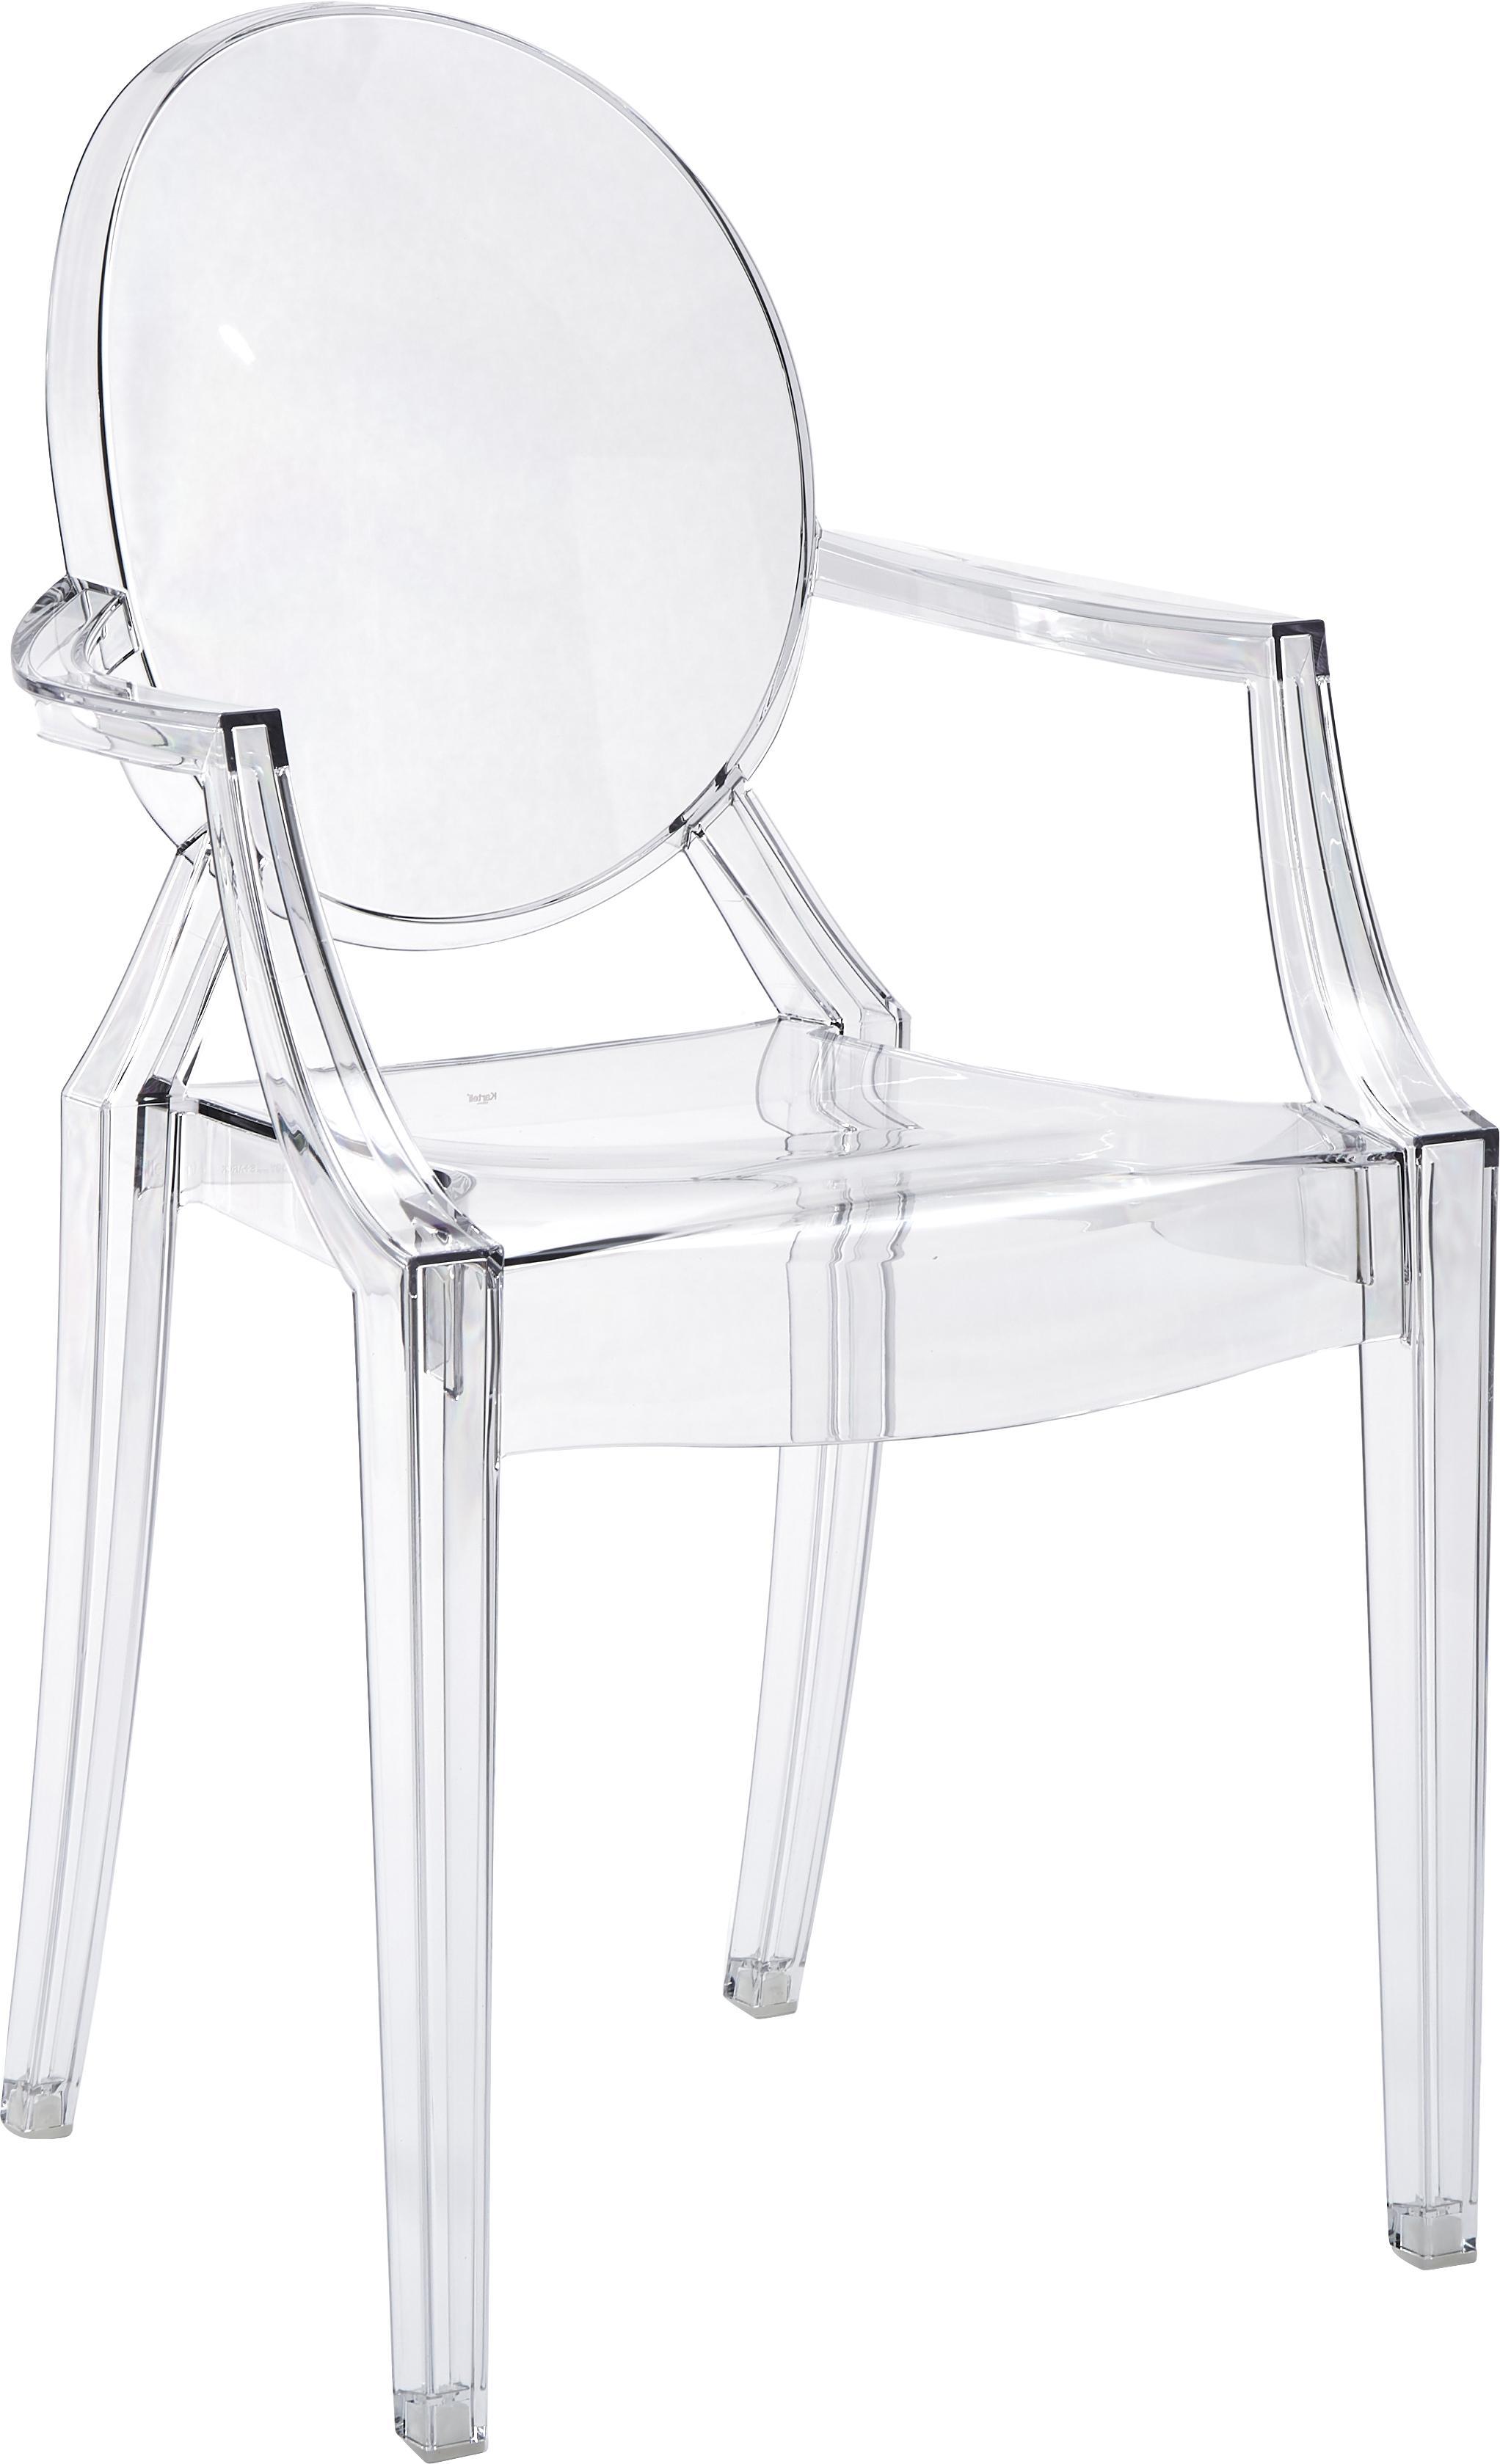 Transparante armstoel Ghost, Polycarbonaat, Transparant, 54 x 94 cm